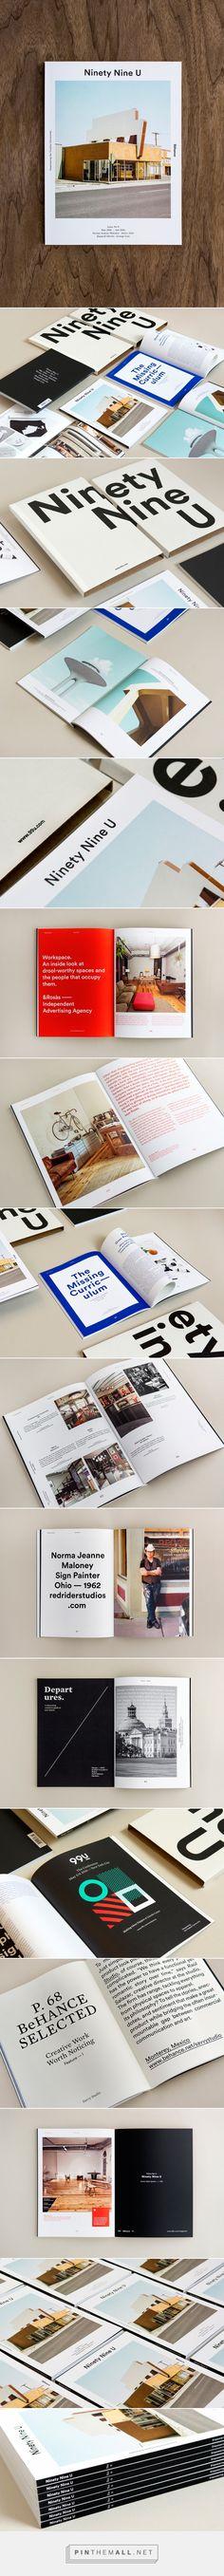 Ninety Nine U Magazine No 9 on Behance                                                                                                                                                                                 More